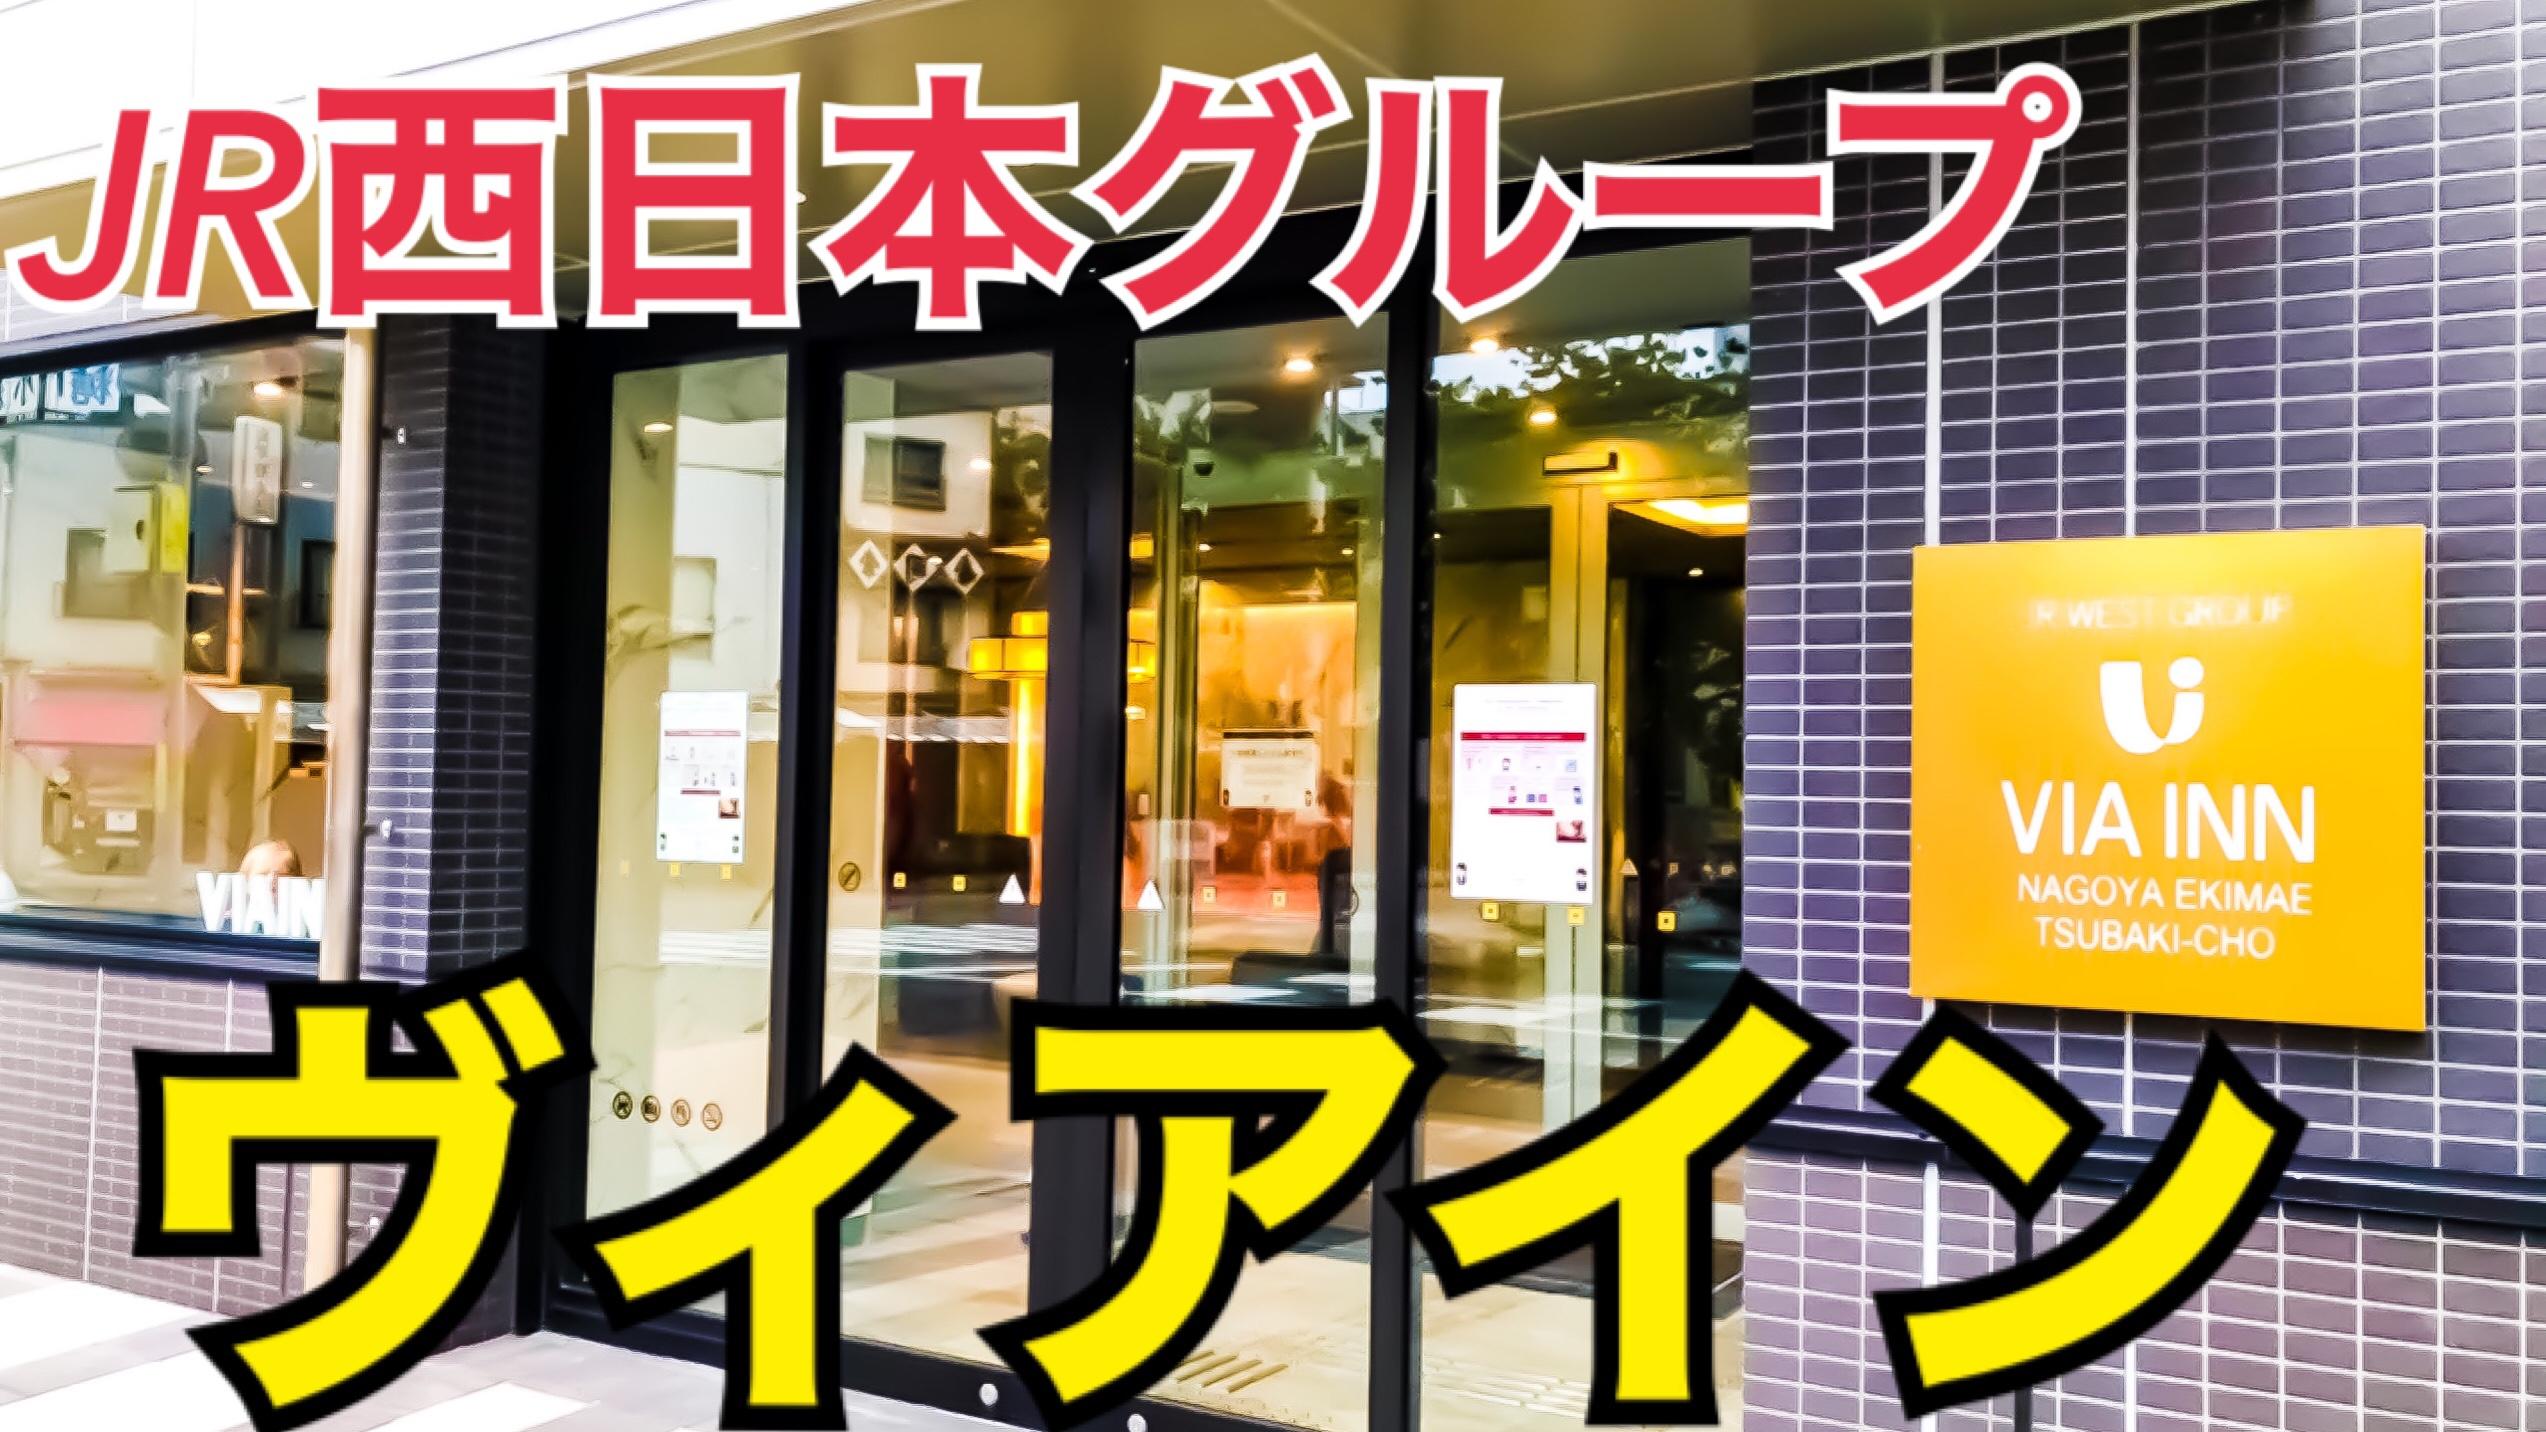 名古屋のおすすめホテル!安くて便利!JR西日本グループヴィアインに宿泊!【伊勢・名古屋の旅】